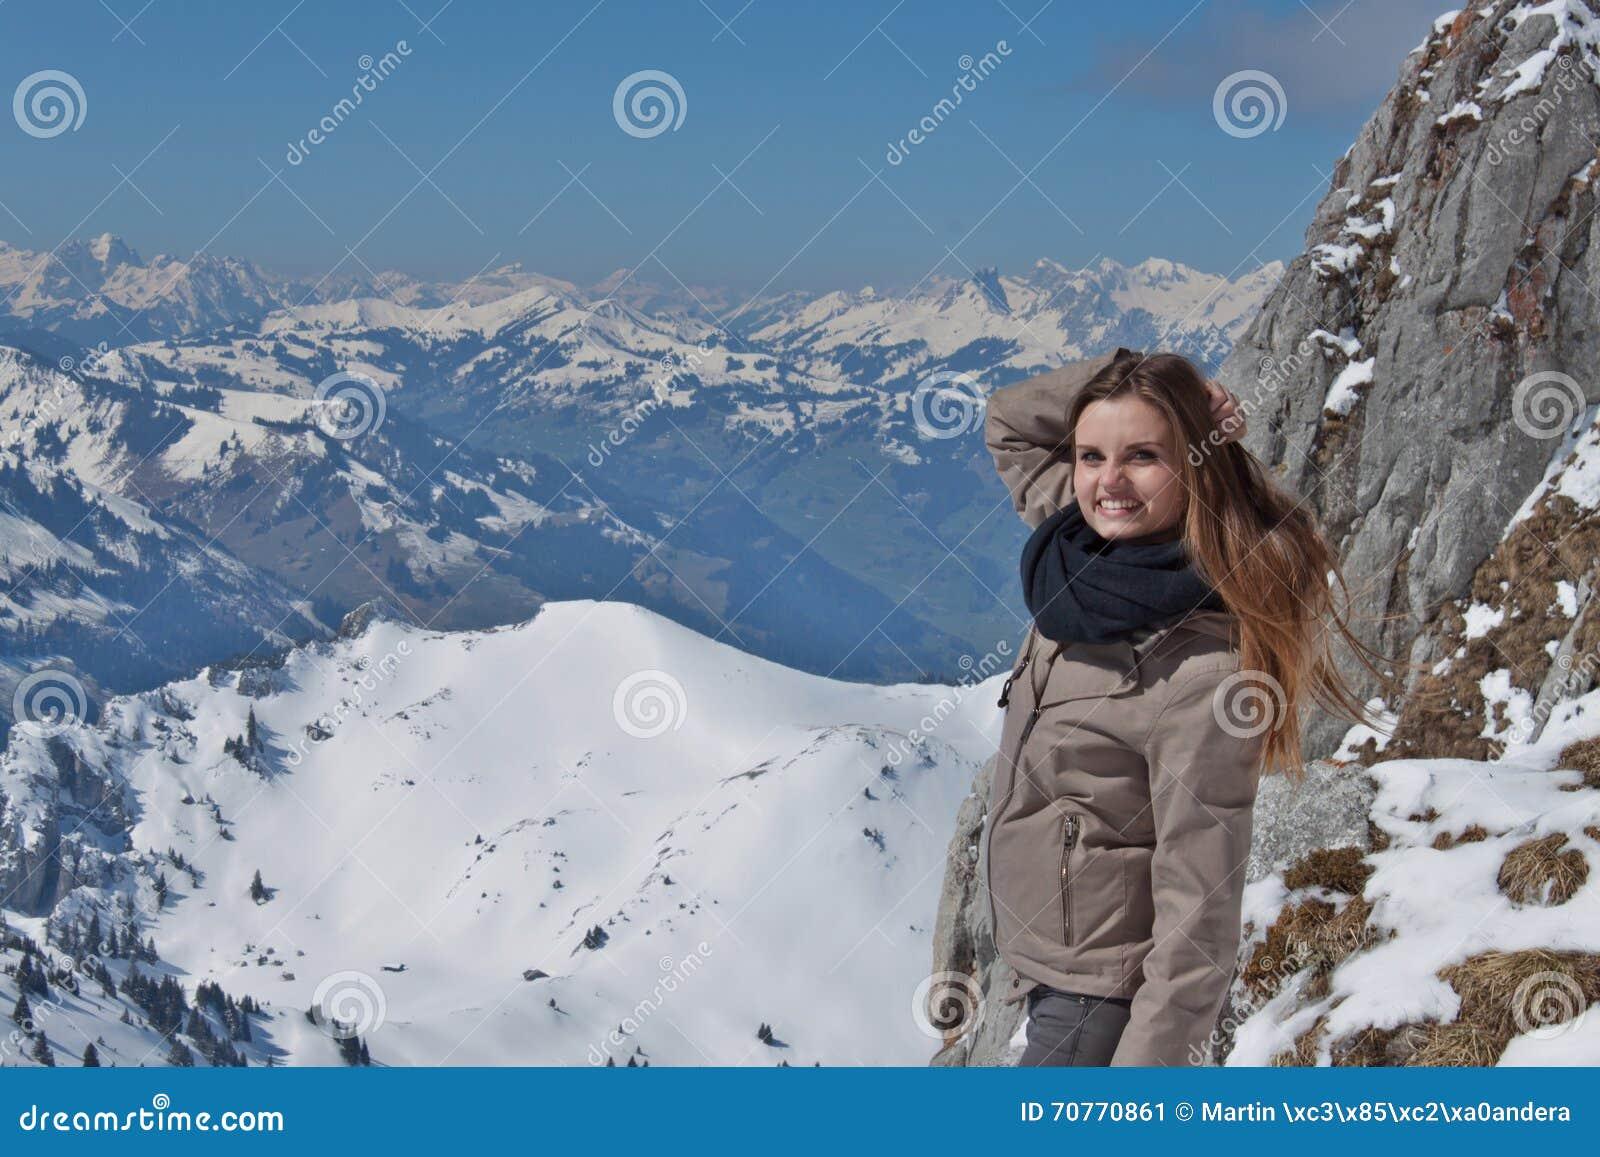 Cherche fille en suisse